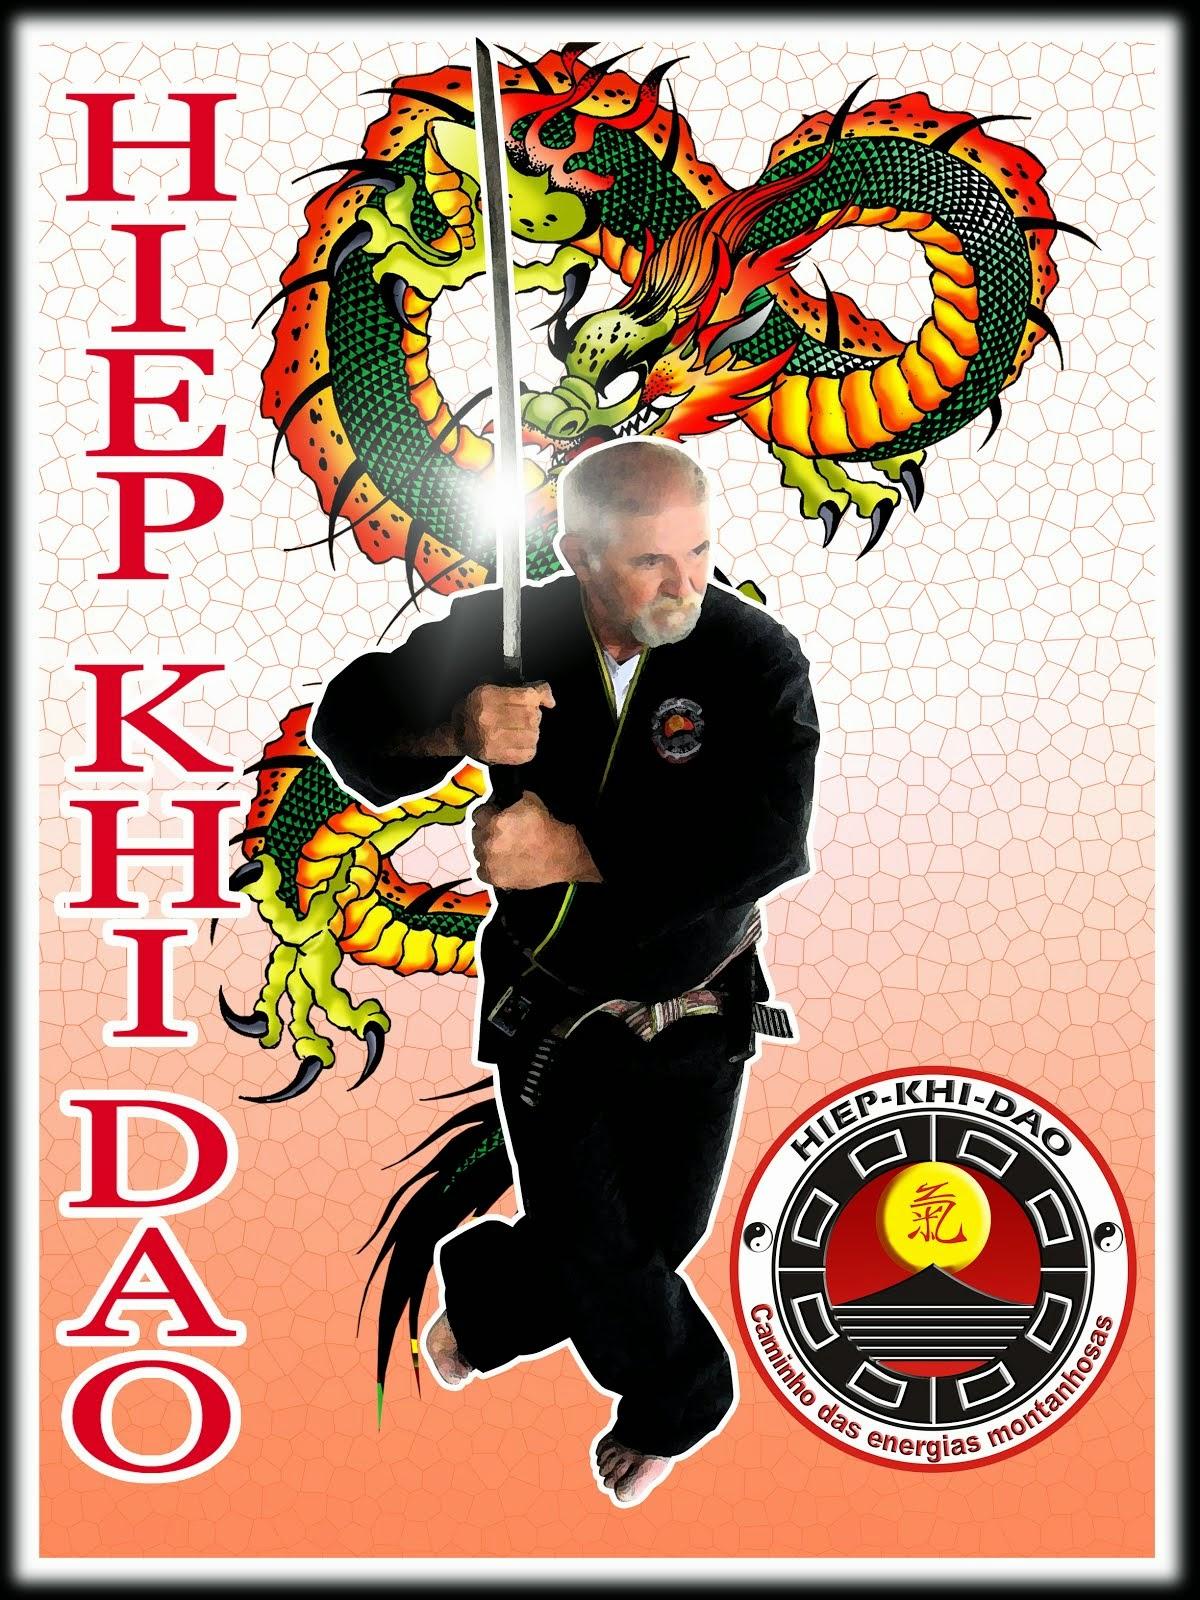 Hiep Khi Dao-Kung Fu do Guerrilheiri Vietnamita